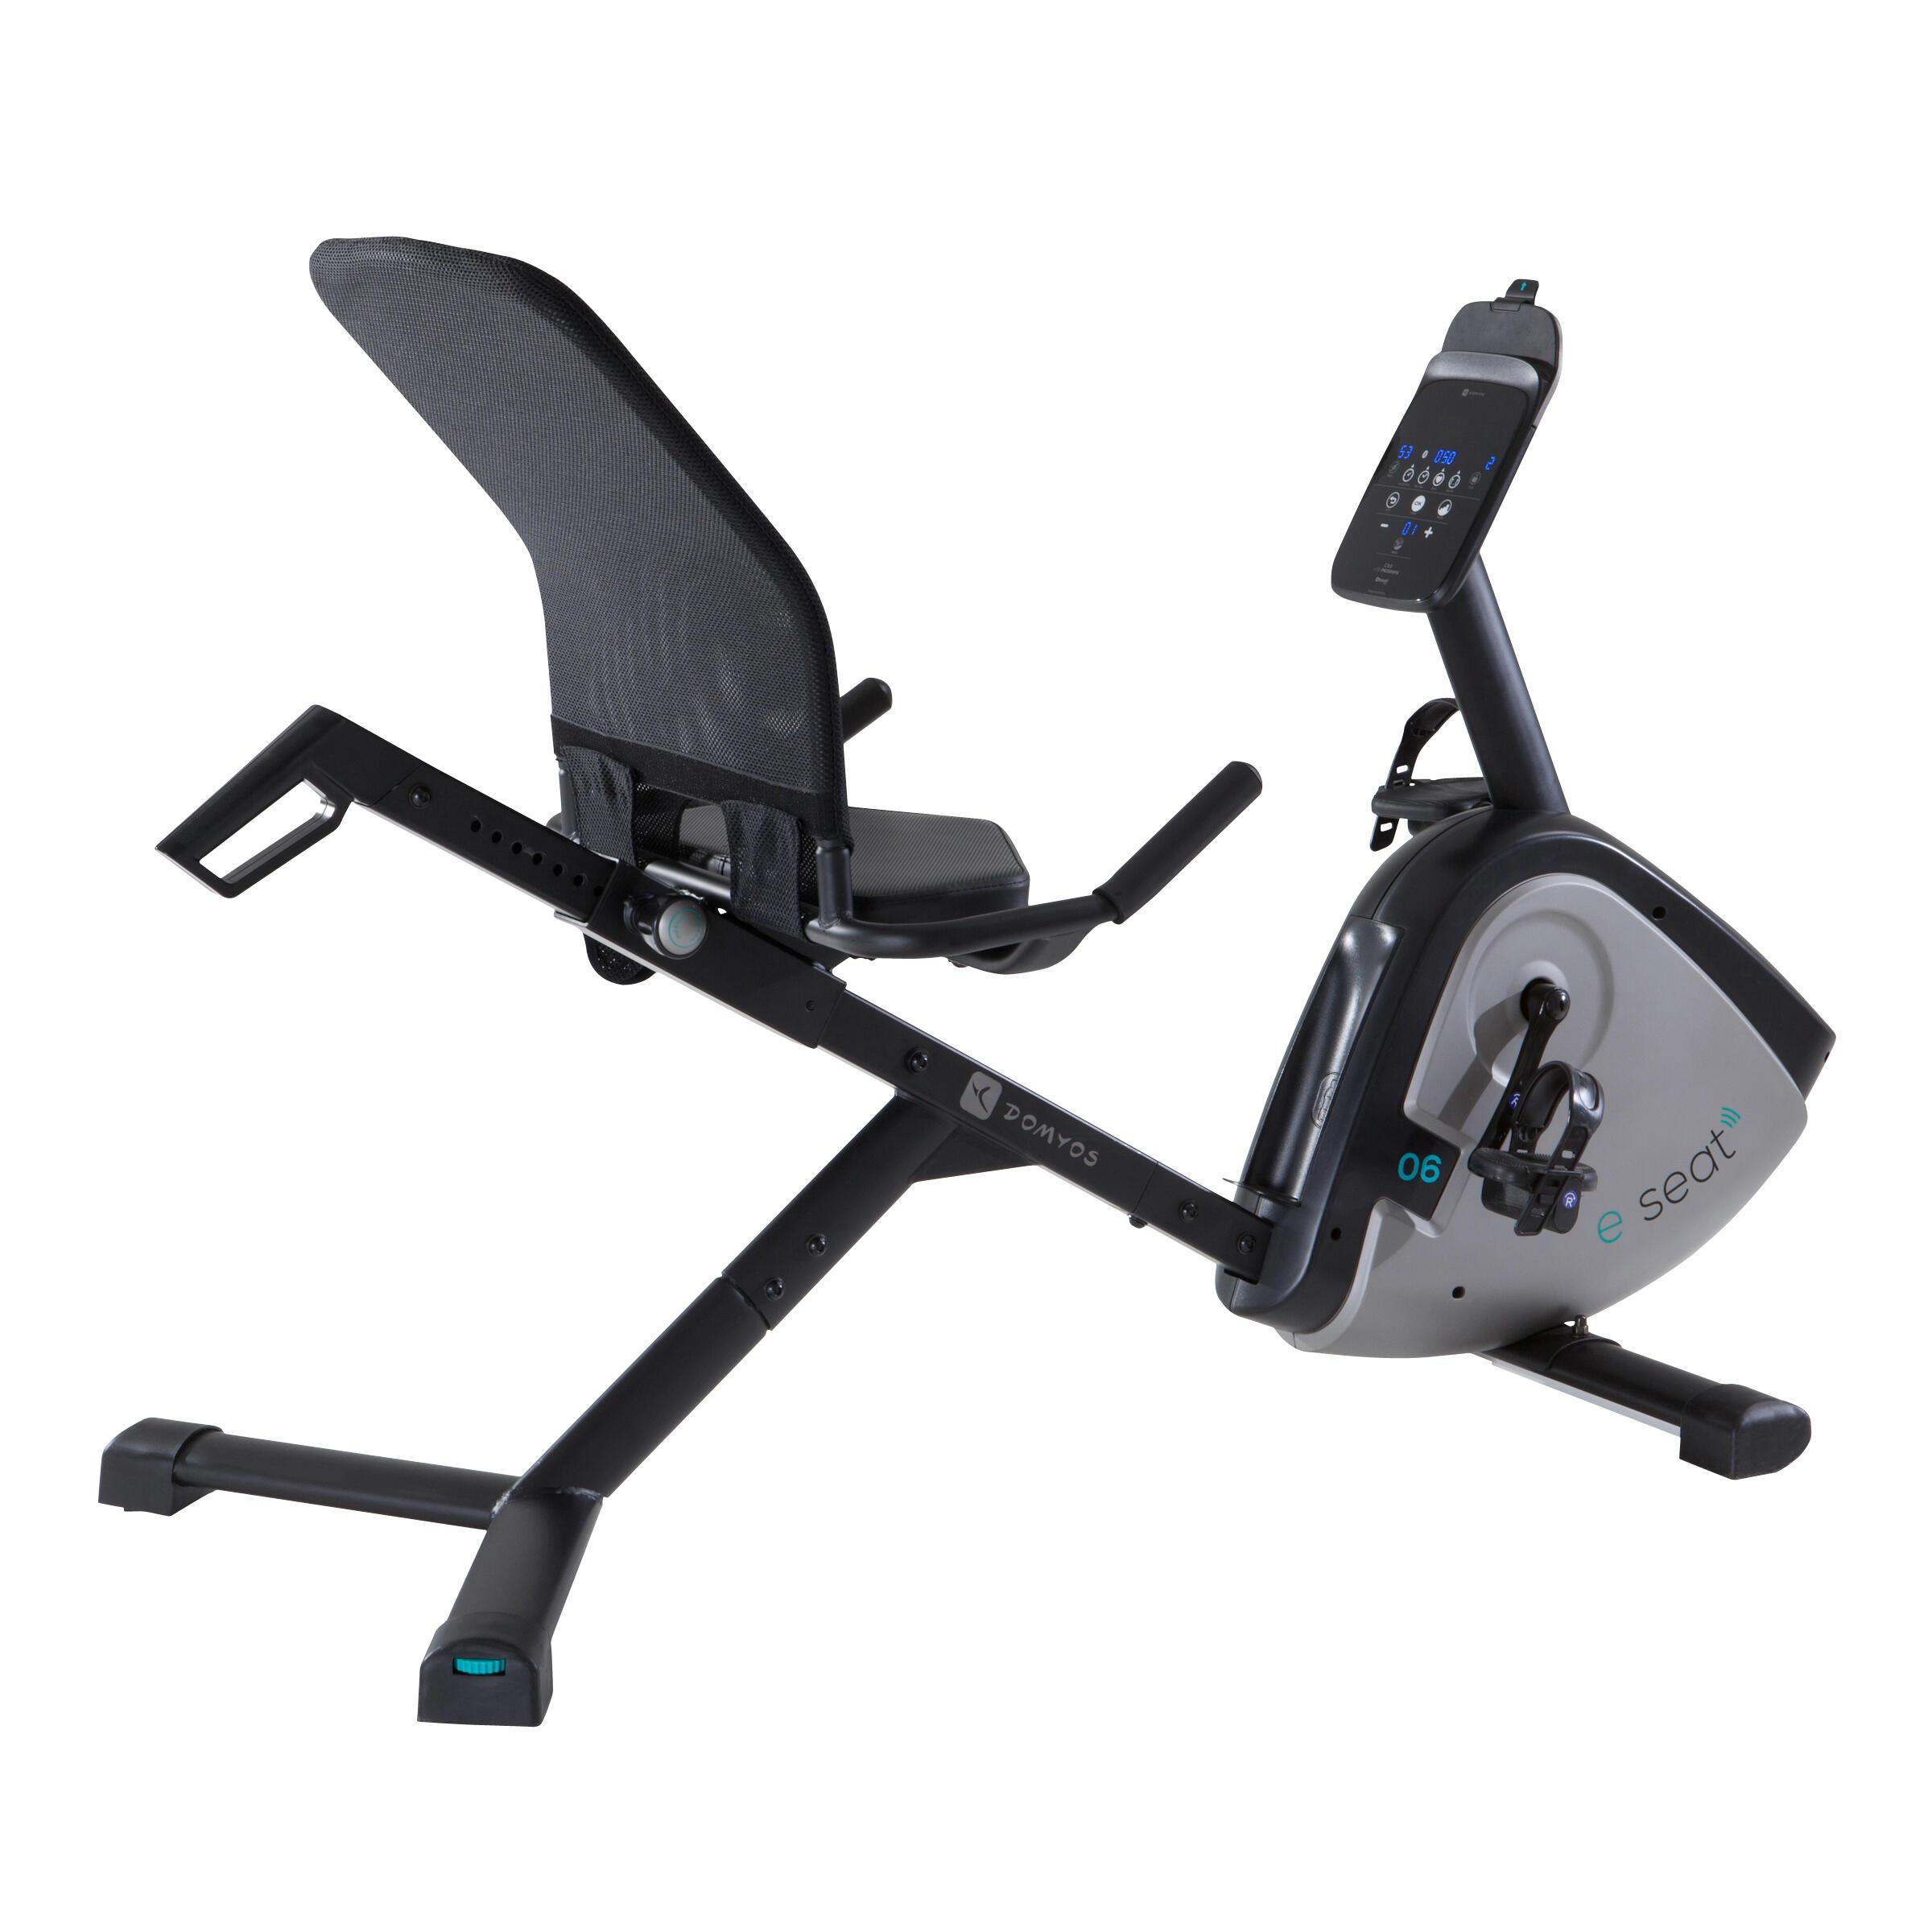 Folding exercise bike Bicicleta+Est+tica+con+respaldo+Domyos+E+Seat